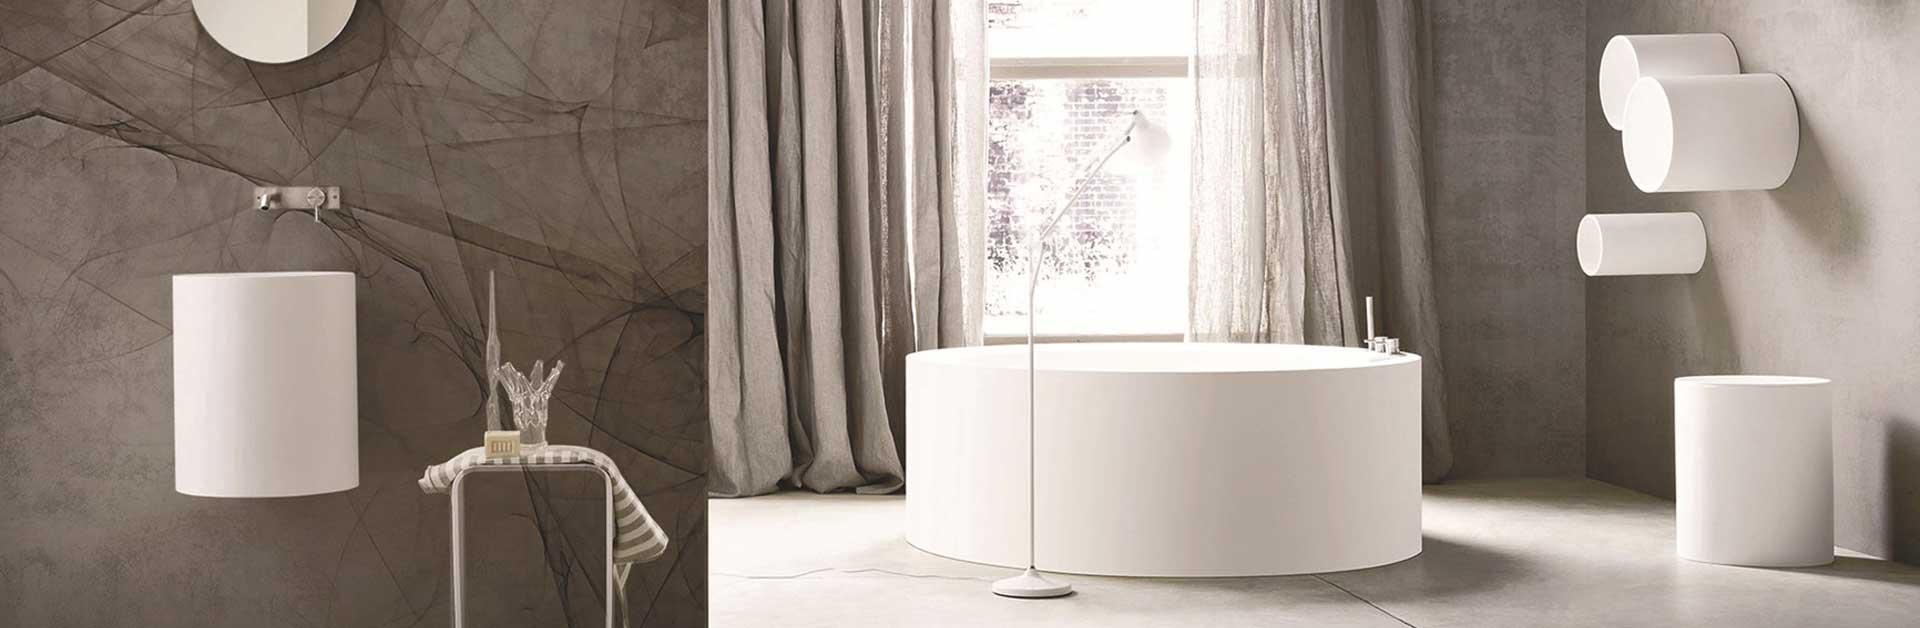 Bagno center tutto per il tuo bagno prodotti in offerta - Prodotti per il bagno ...